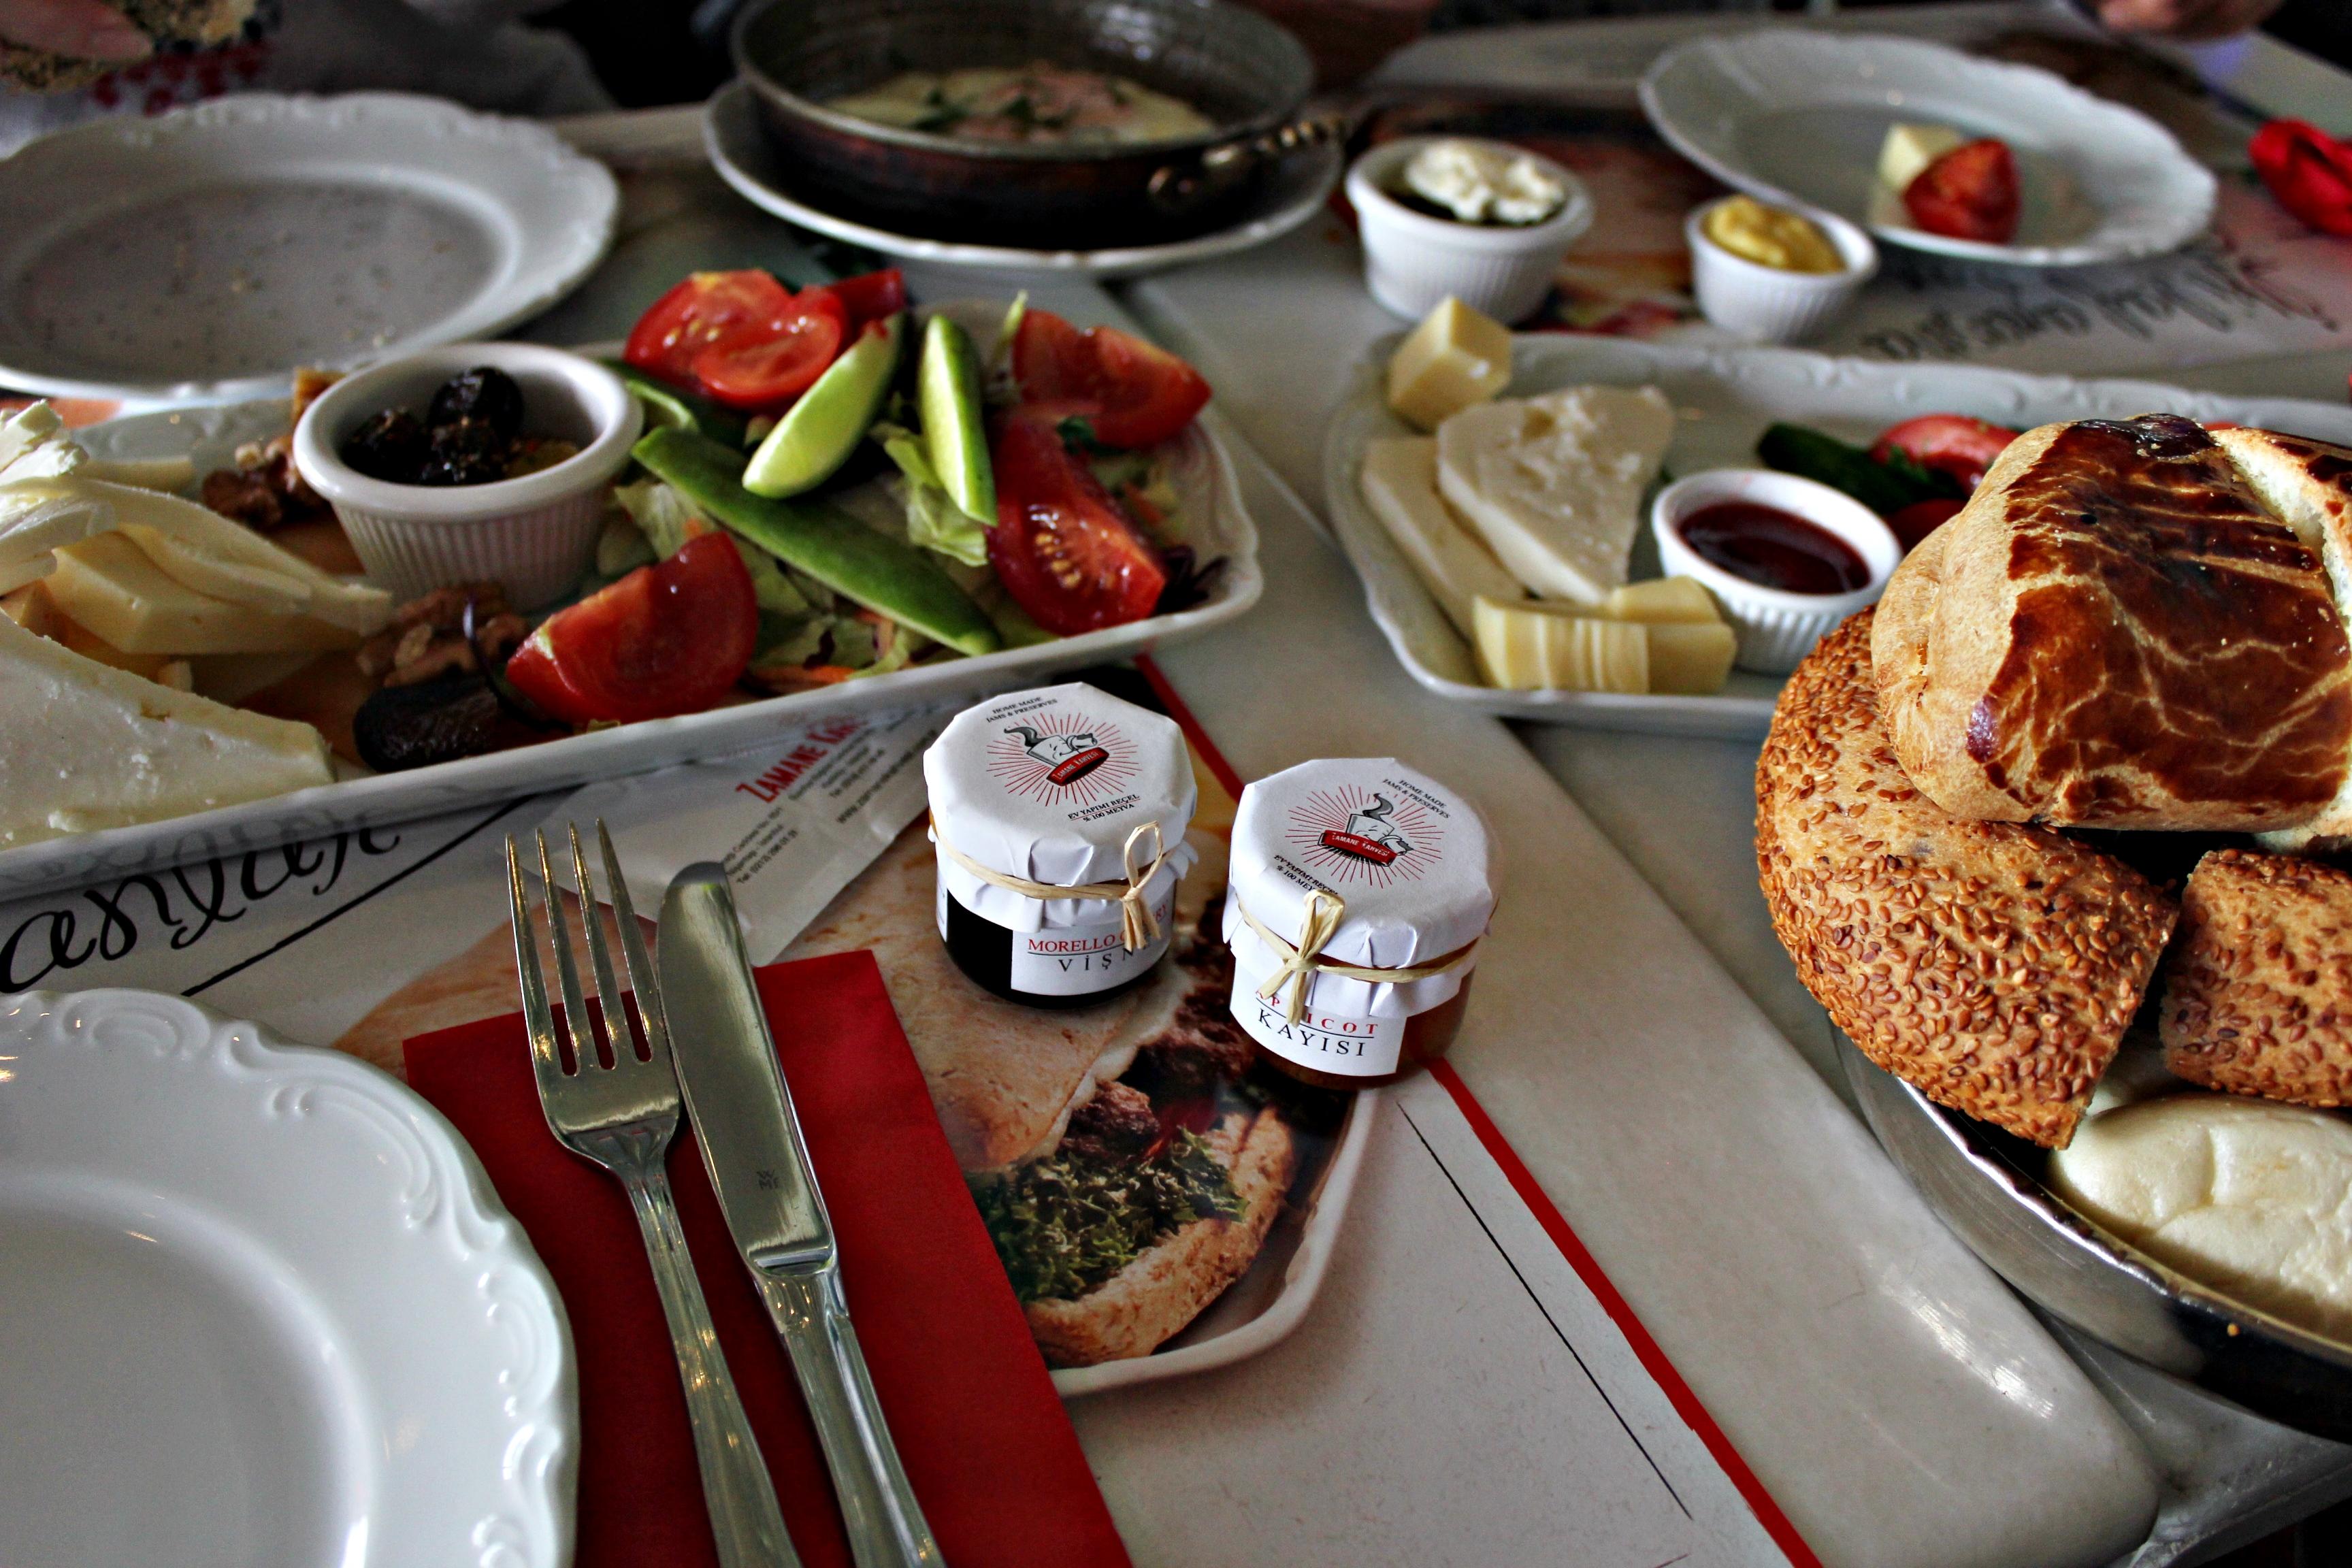 dziwne zwyczaje kulinarne w turcji